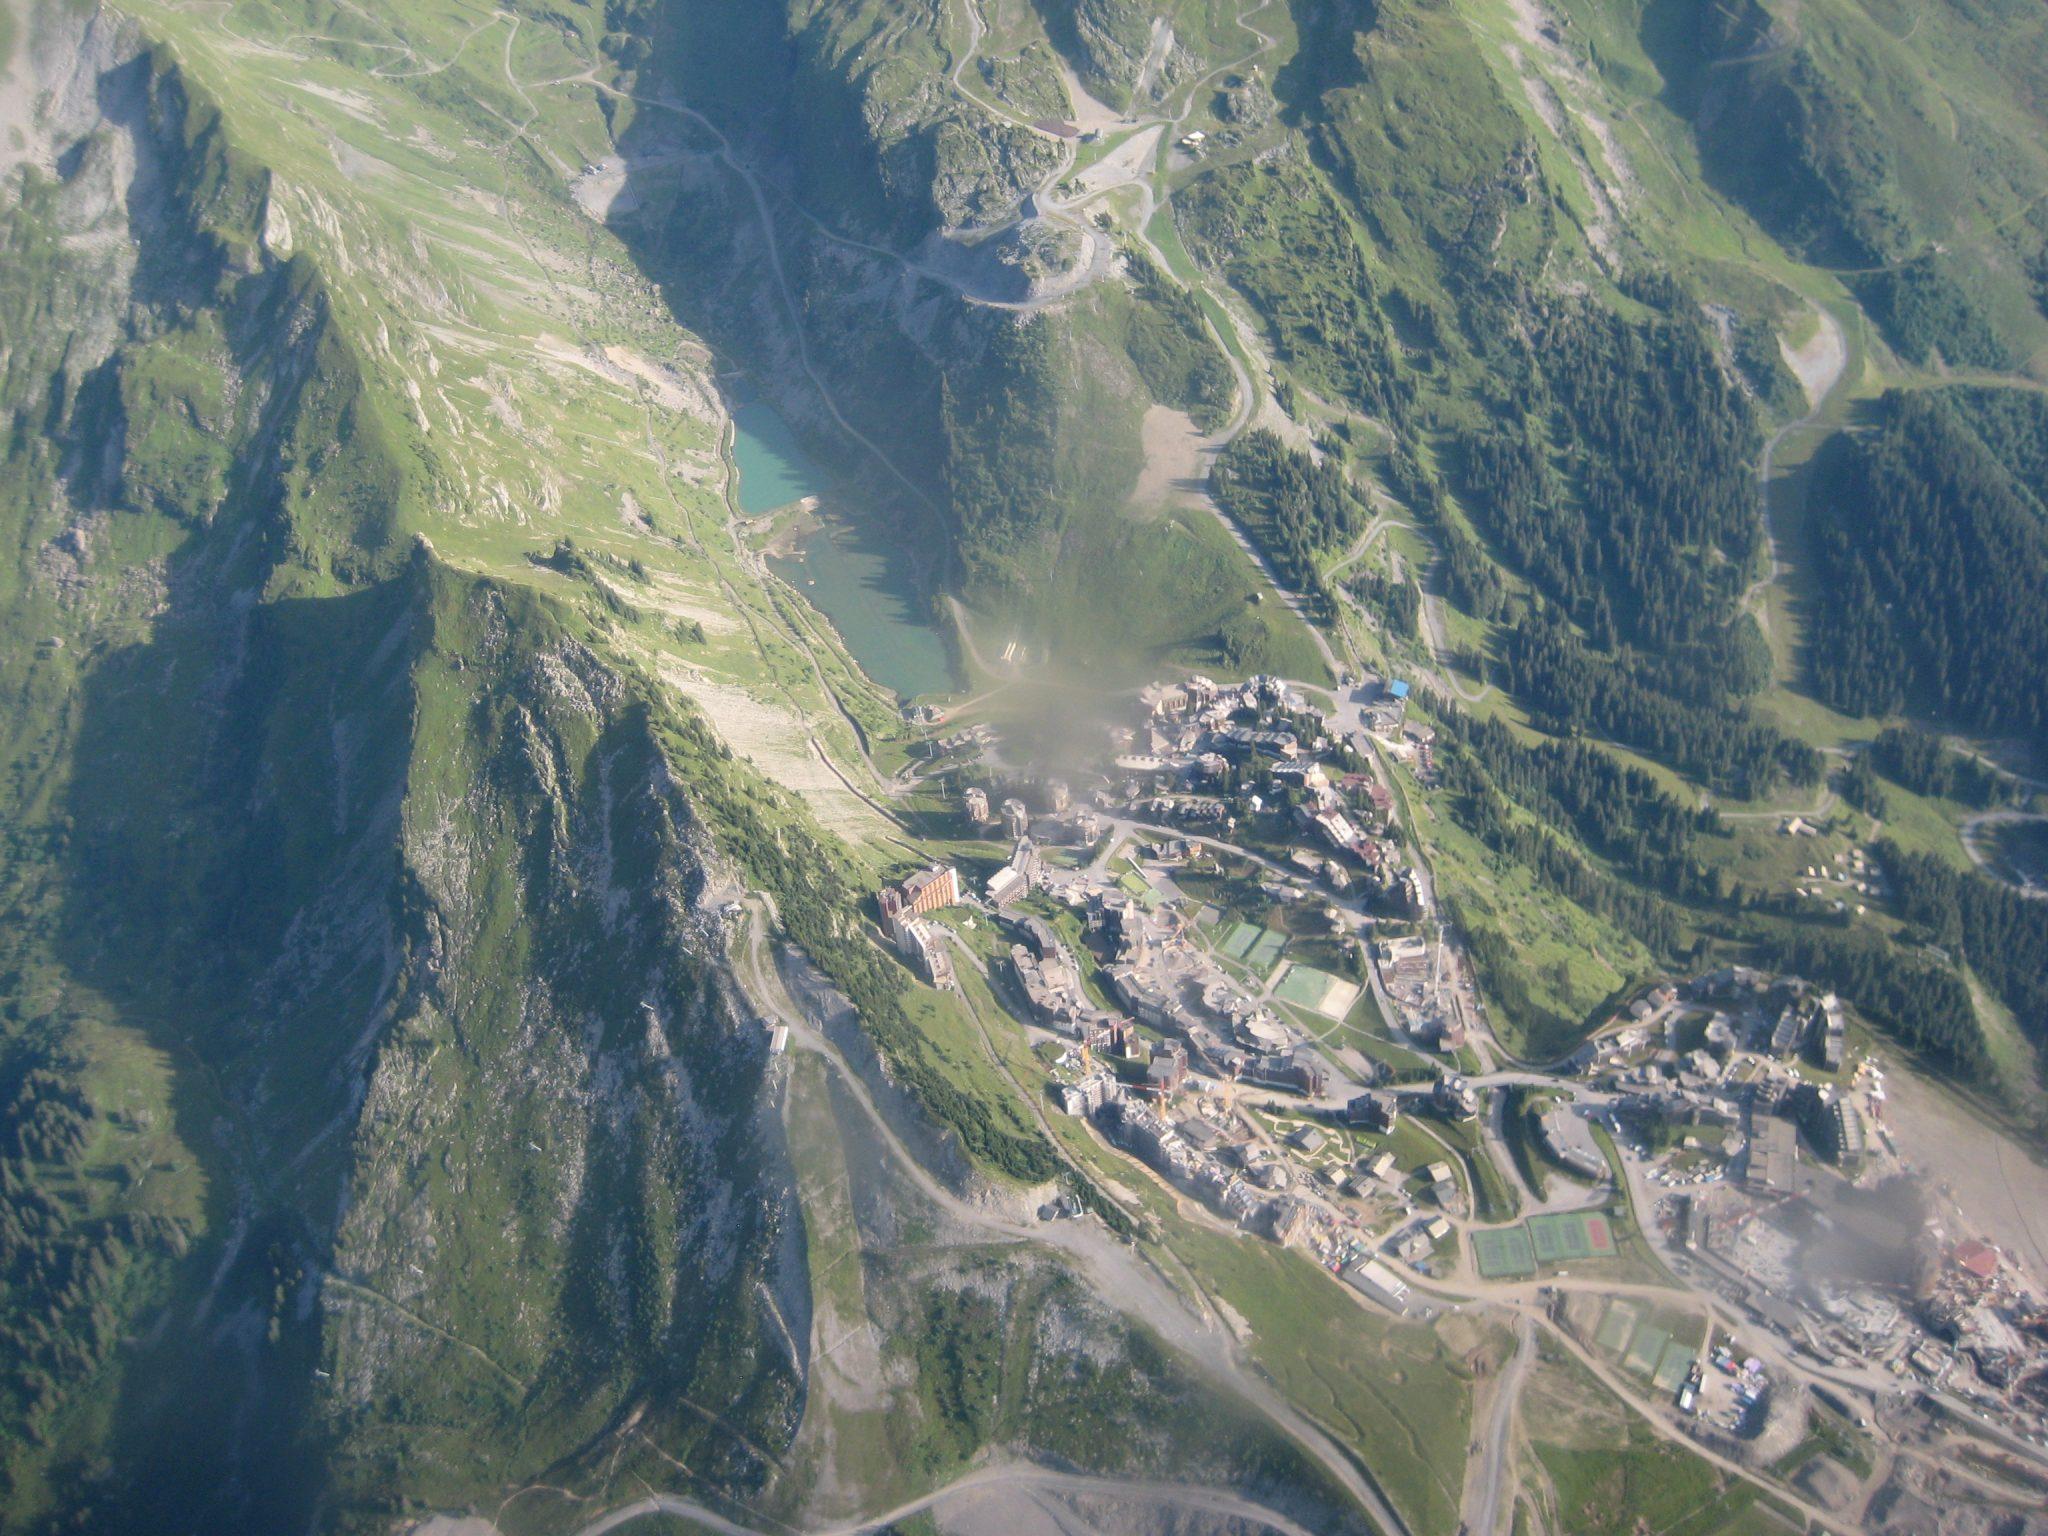 Rundflug zum Mont Blanc - Kleiner Ort auf dem Weg